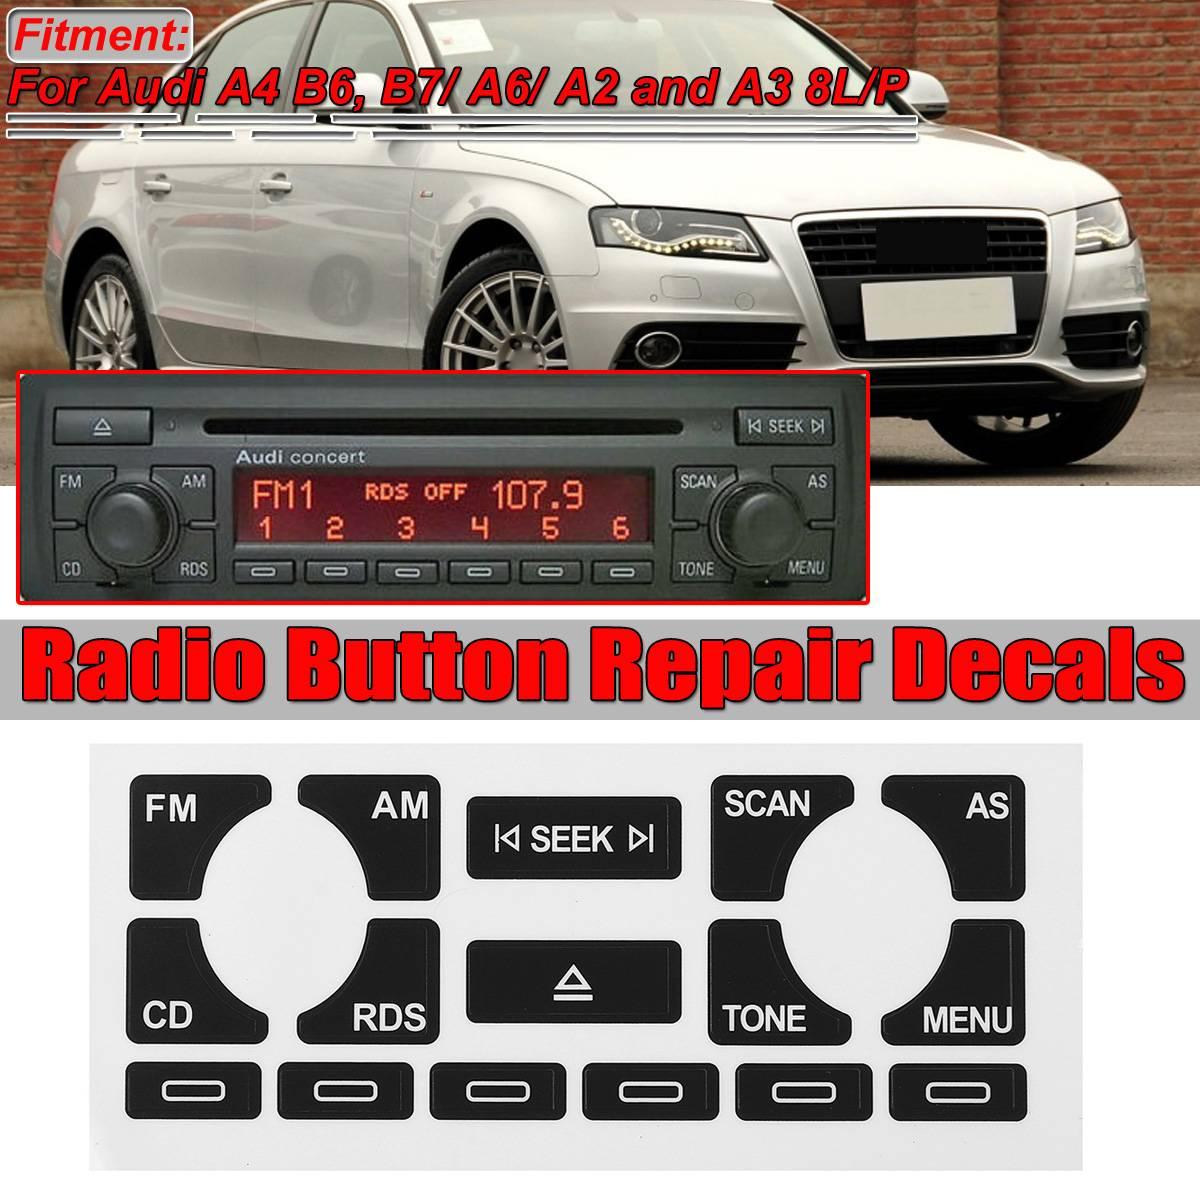 AS/TP автомобильные мультимедийные Радио Стерео Изношенные пилинг Кнопки Ремонт наклейки для Audi A4 B6 B7/A6/A2 A3 8L/P исправить уродливые кнопки